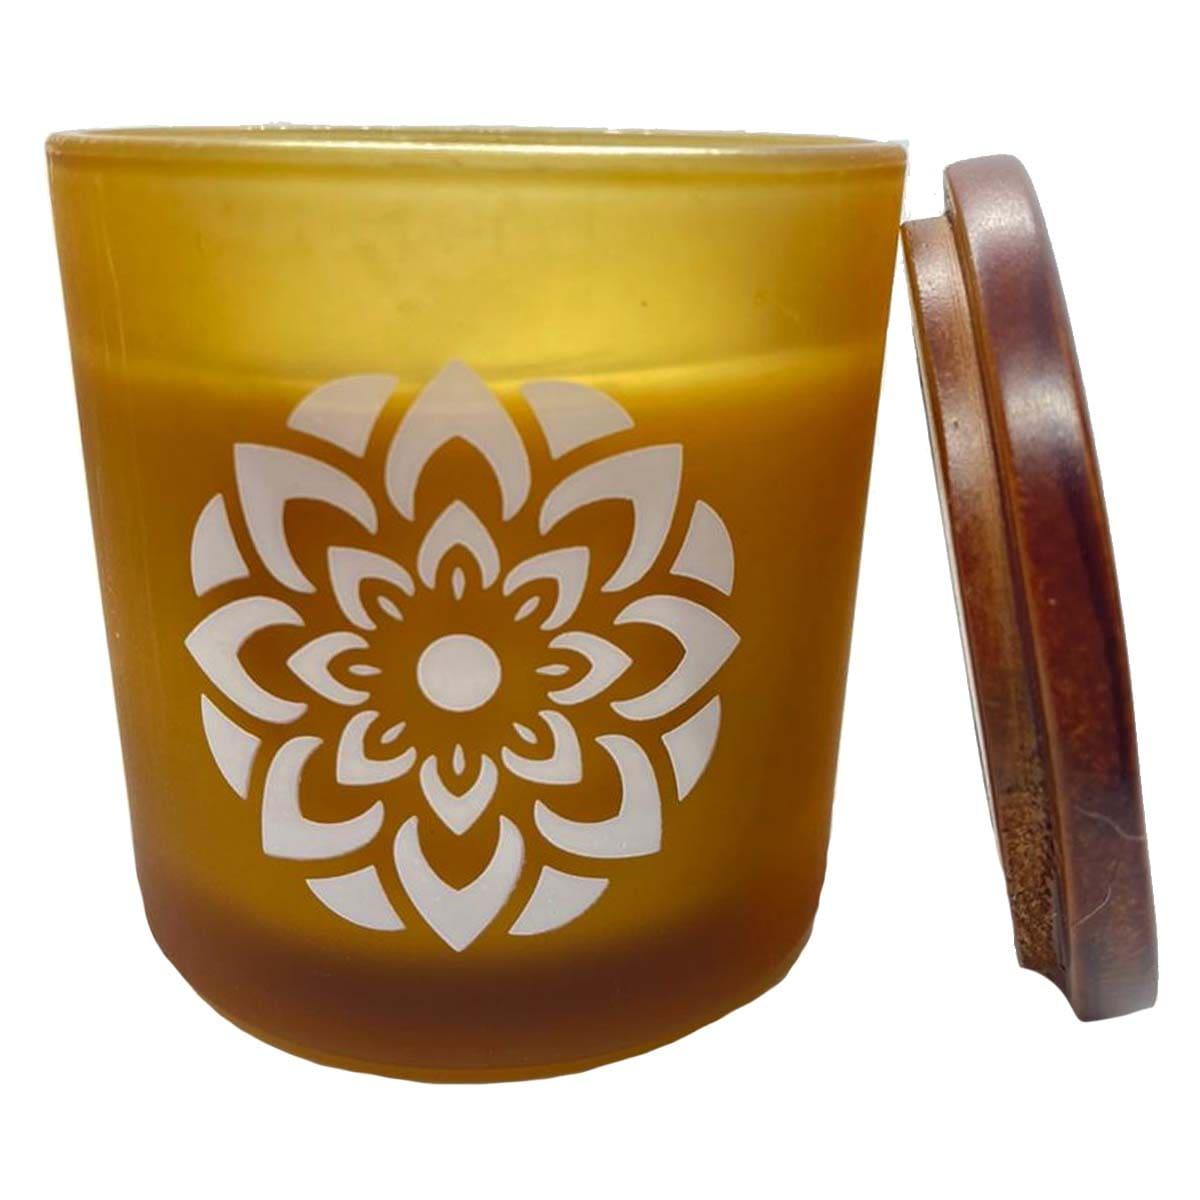 Vela ecológica mandala bright side chá branco 180g